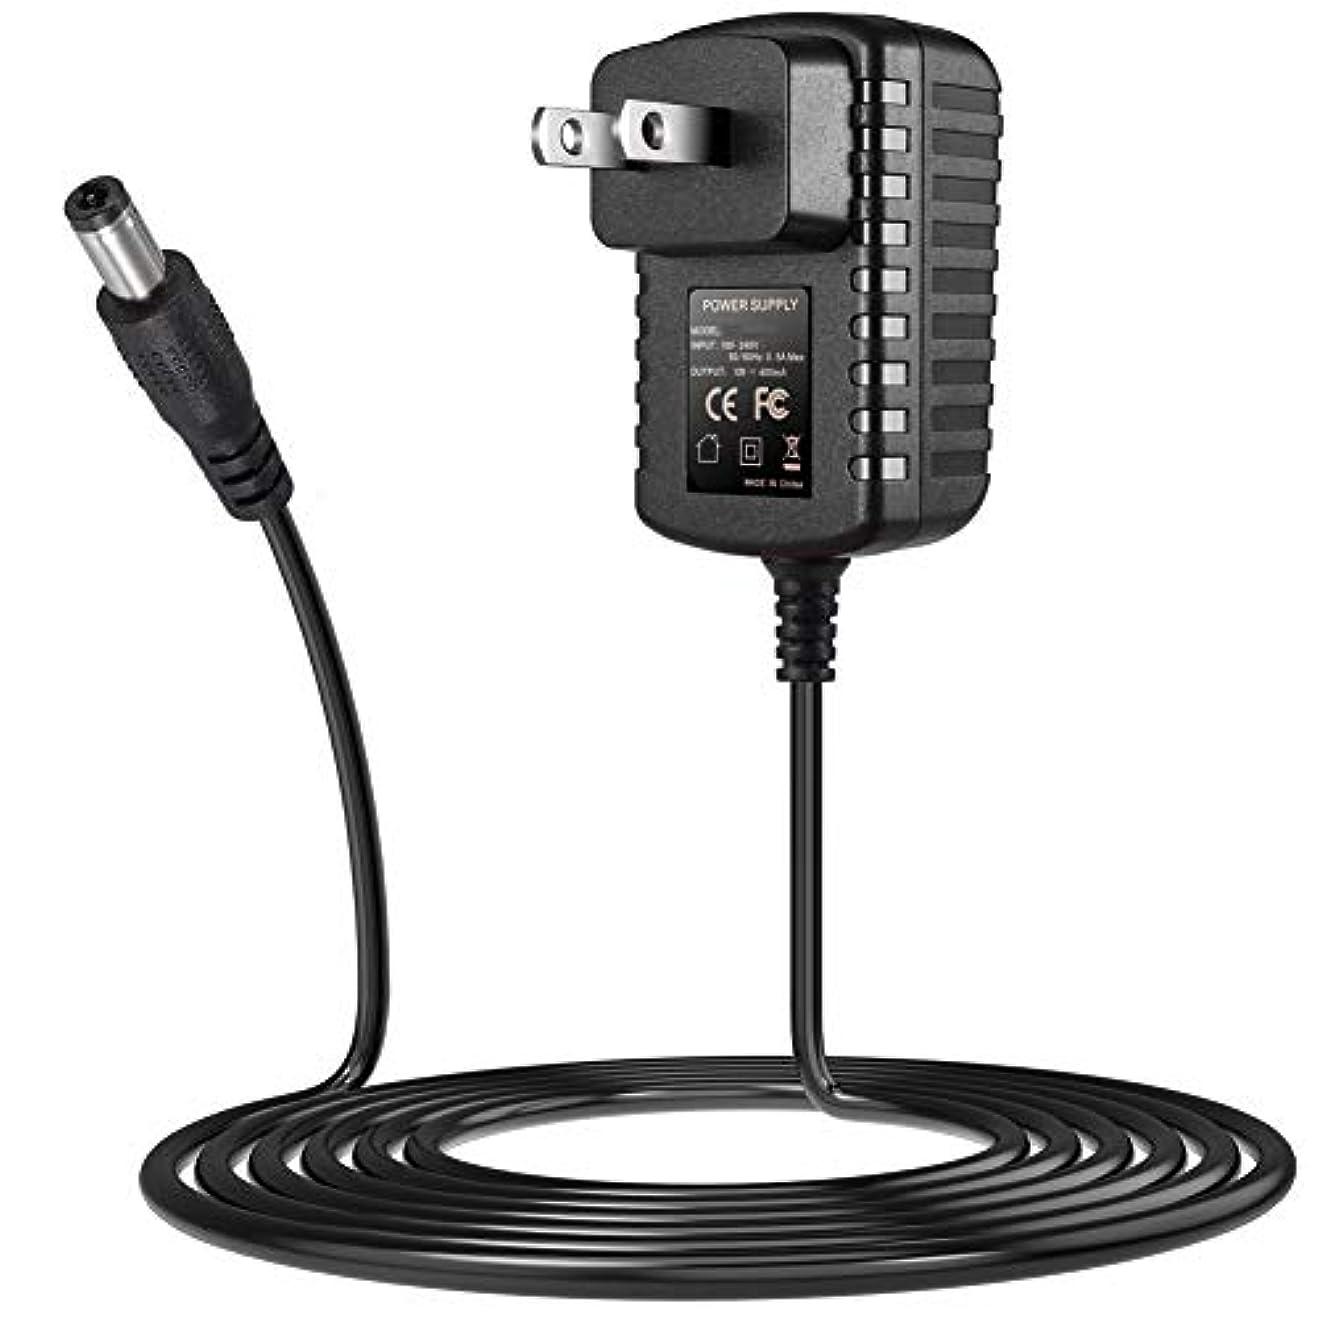 フィヨルド落胆した準備ができてPunasi Philips用の充電器 フィリップスに使用できるACアダプター 脱毛器 DCアダプター 13V 0.4A電源アダプター交換用充電器 Norelco Satinelle Electric Epilator...